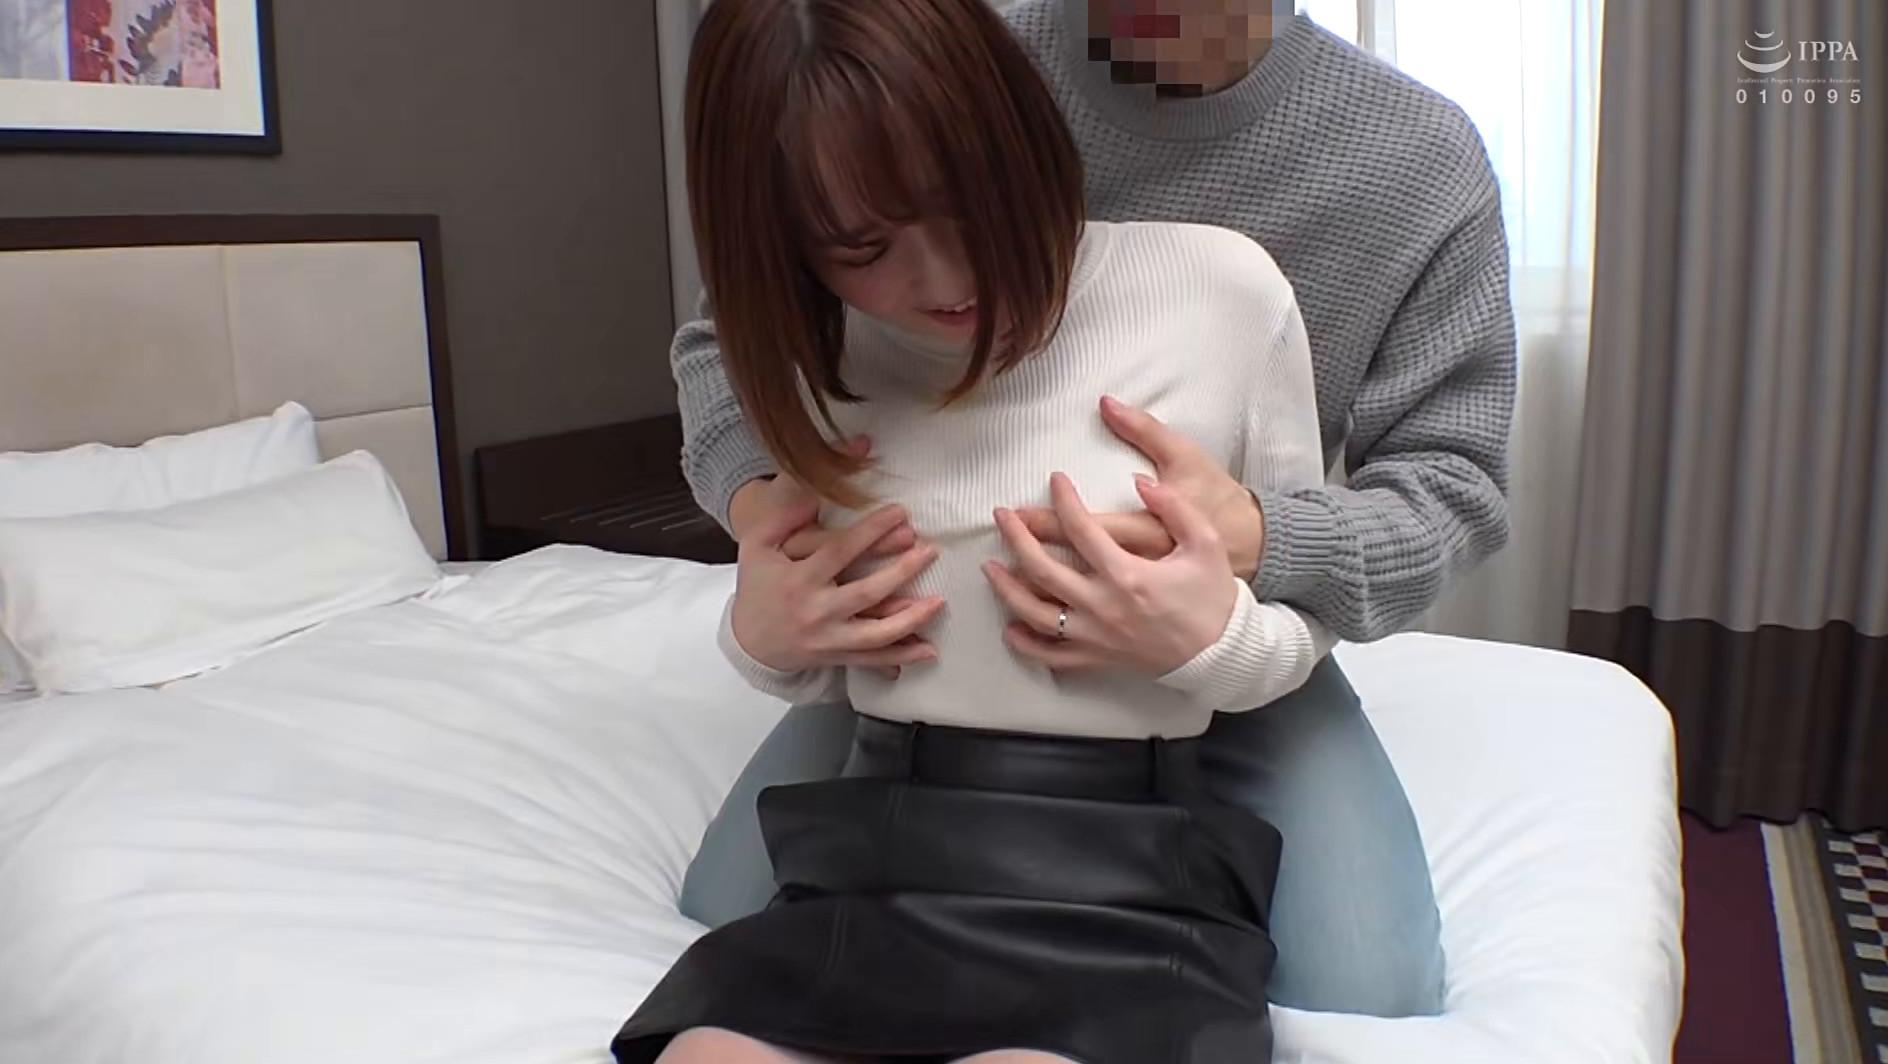 【F乳&無敵尻!!】秋田の人妻が酔わされハメられ連続絶頂!!【喘ぎ声も激しい!!】みうさん